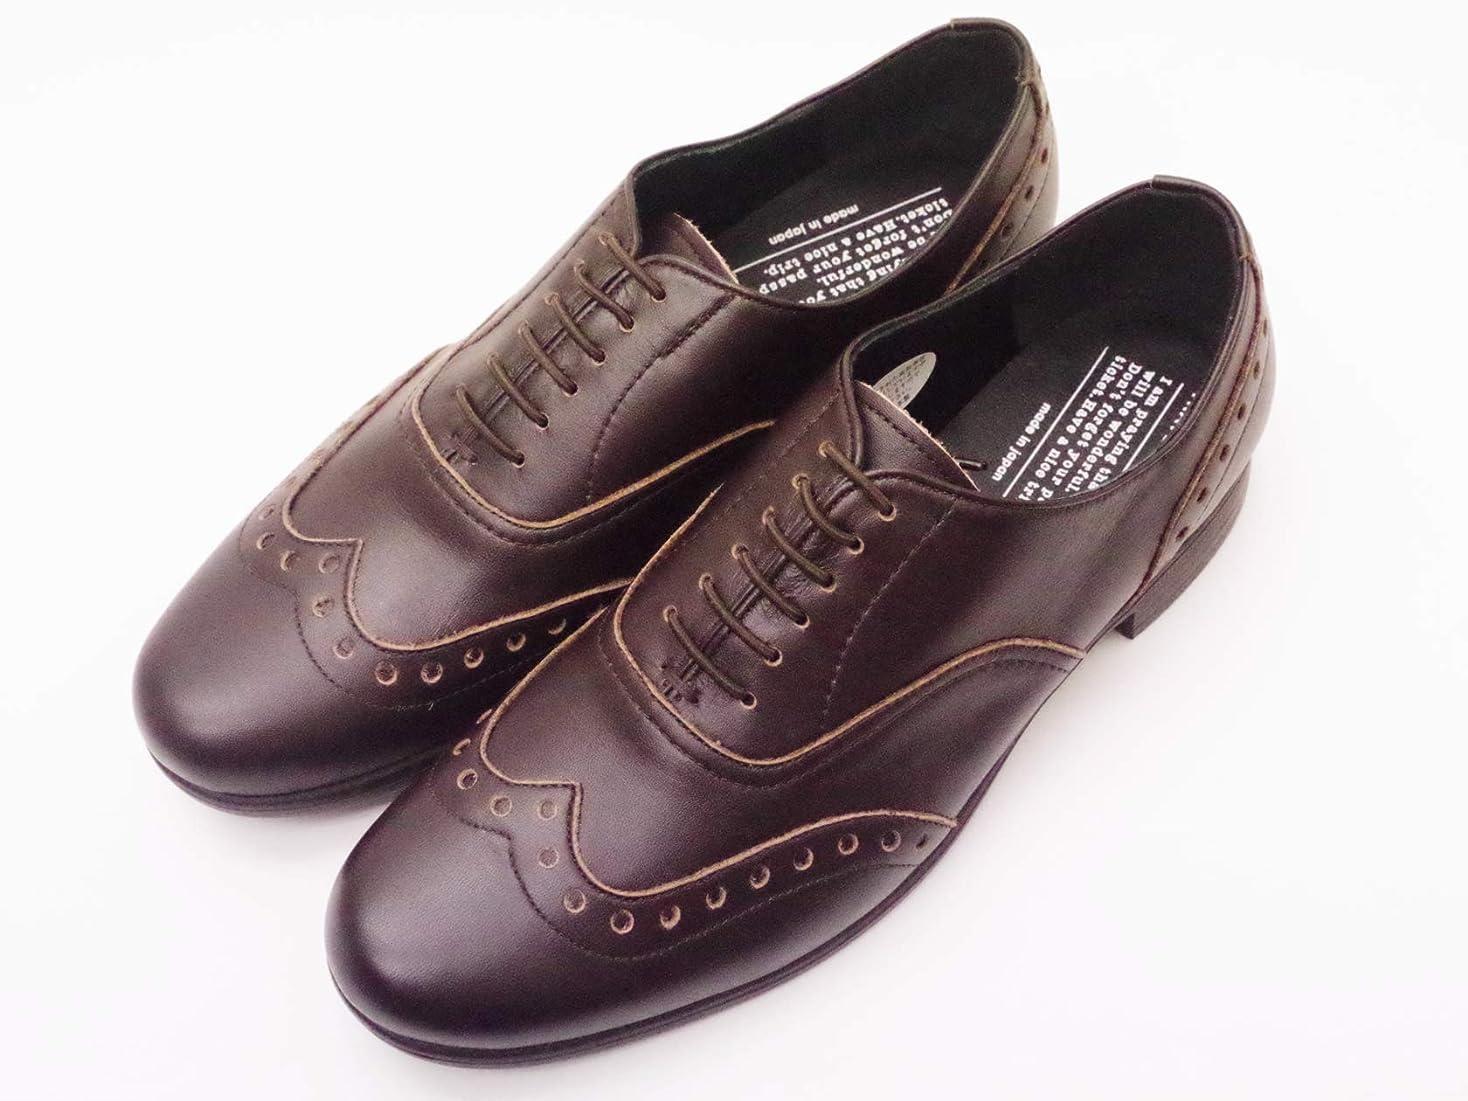 笑レールびっくりしたトラヴェルシューズバイショセ TR-004 ダークブラウン 靴 レディース ウイングチップ